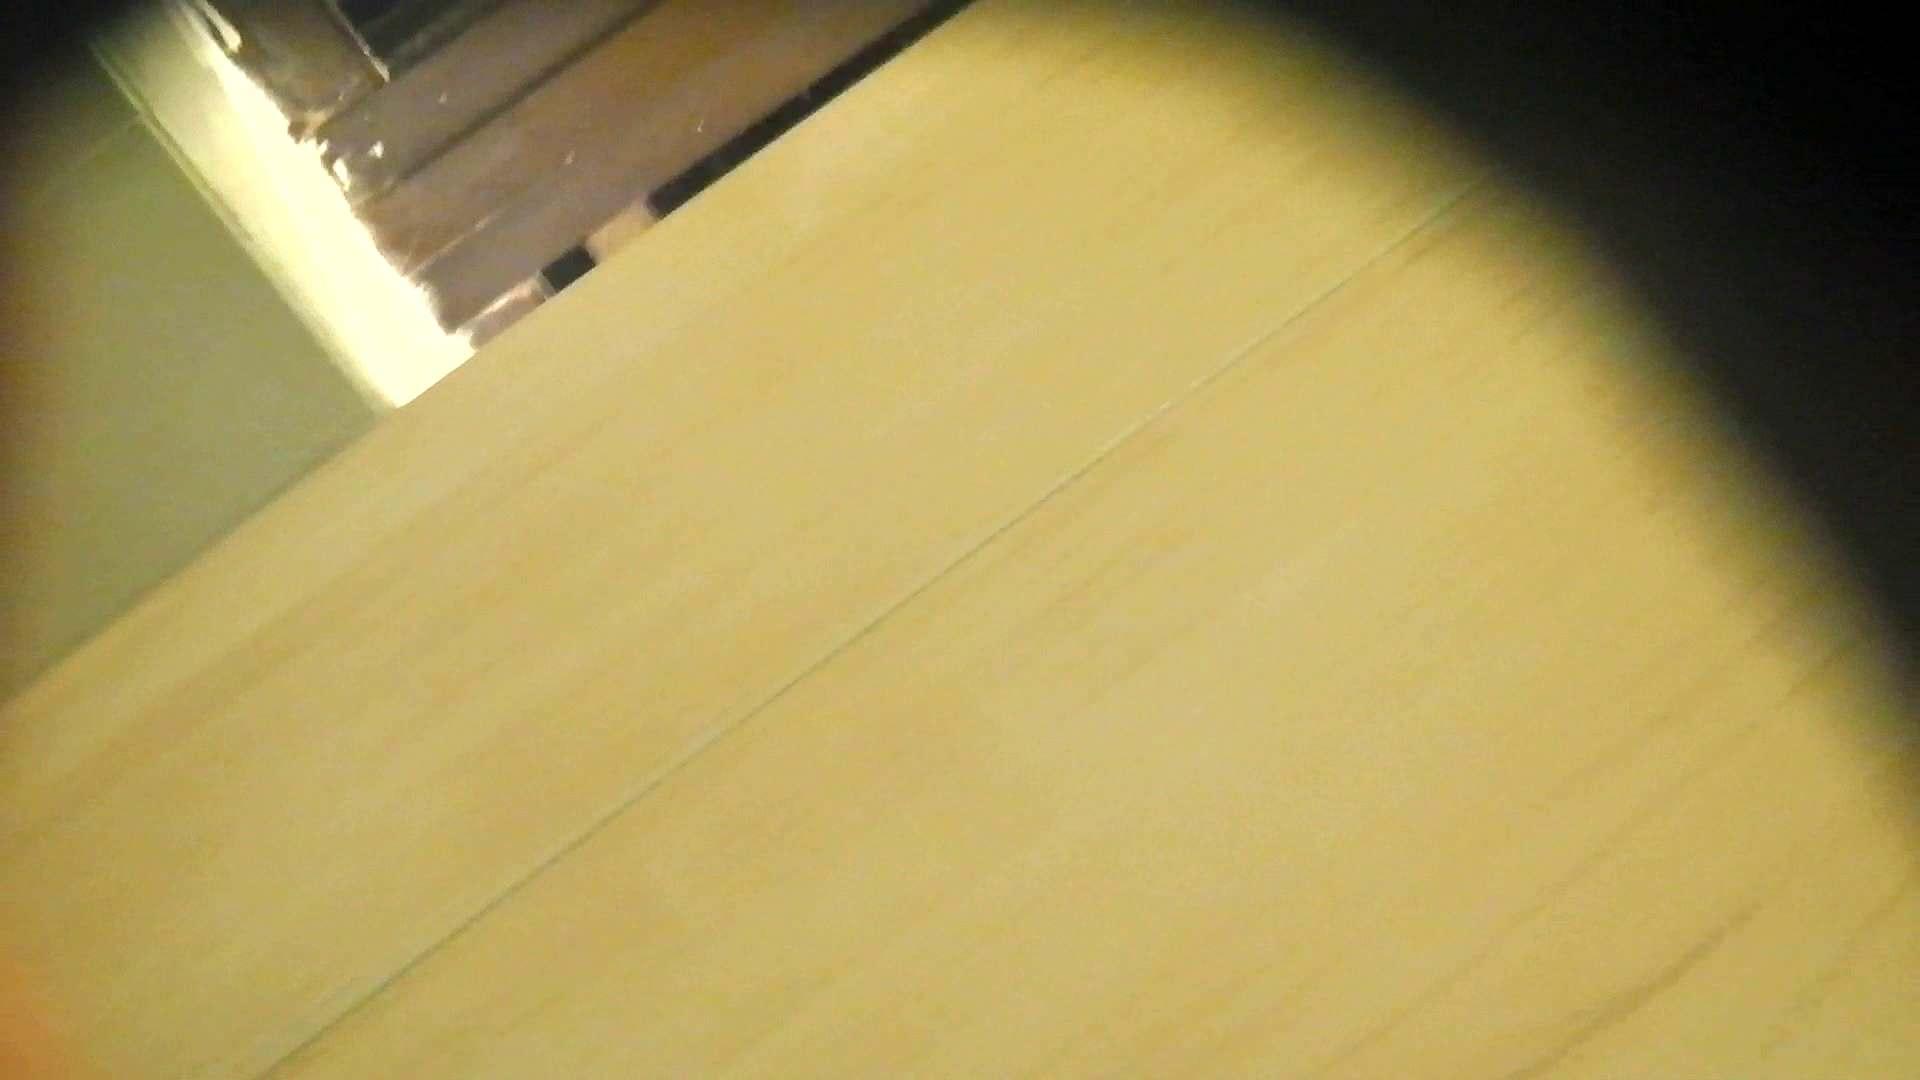 阿国ちゃんの「和式洋式七変化」No.13 盛合せ おまんこ動画流出 46画像 28